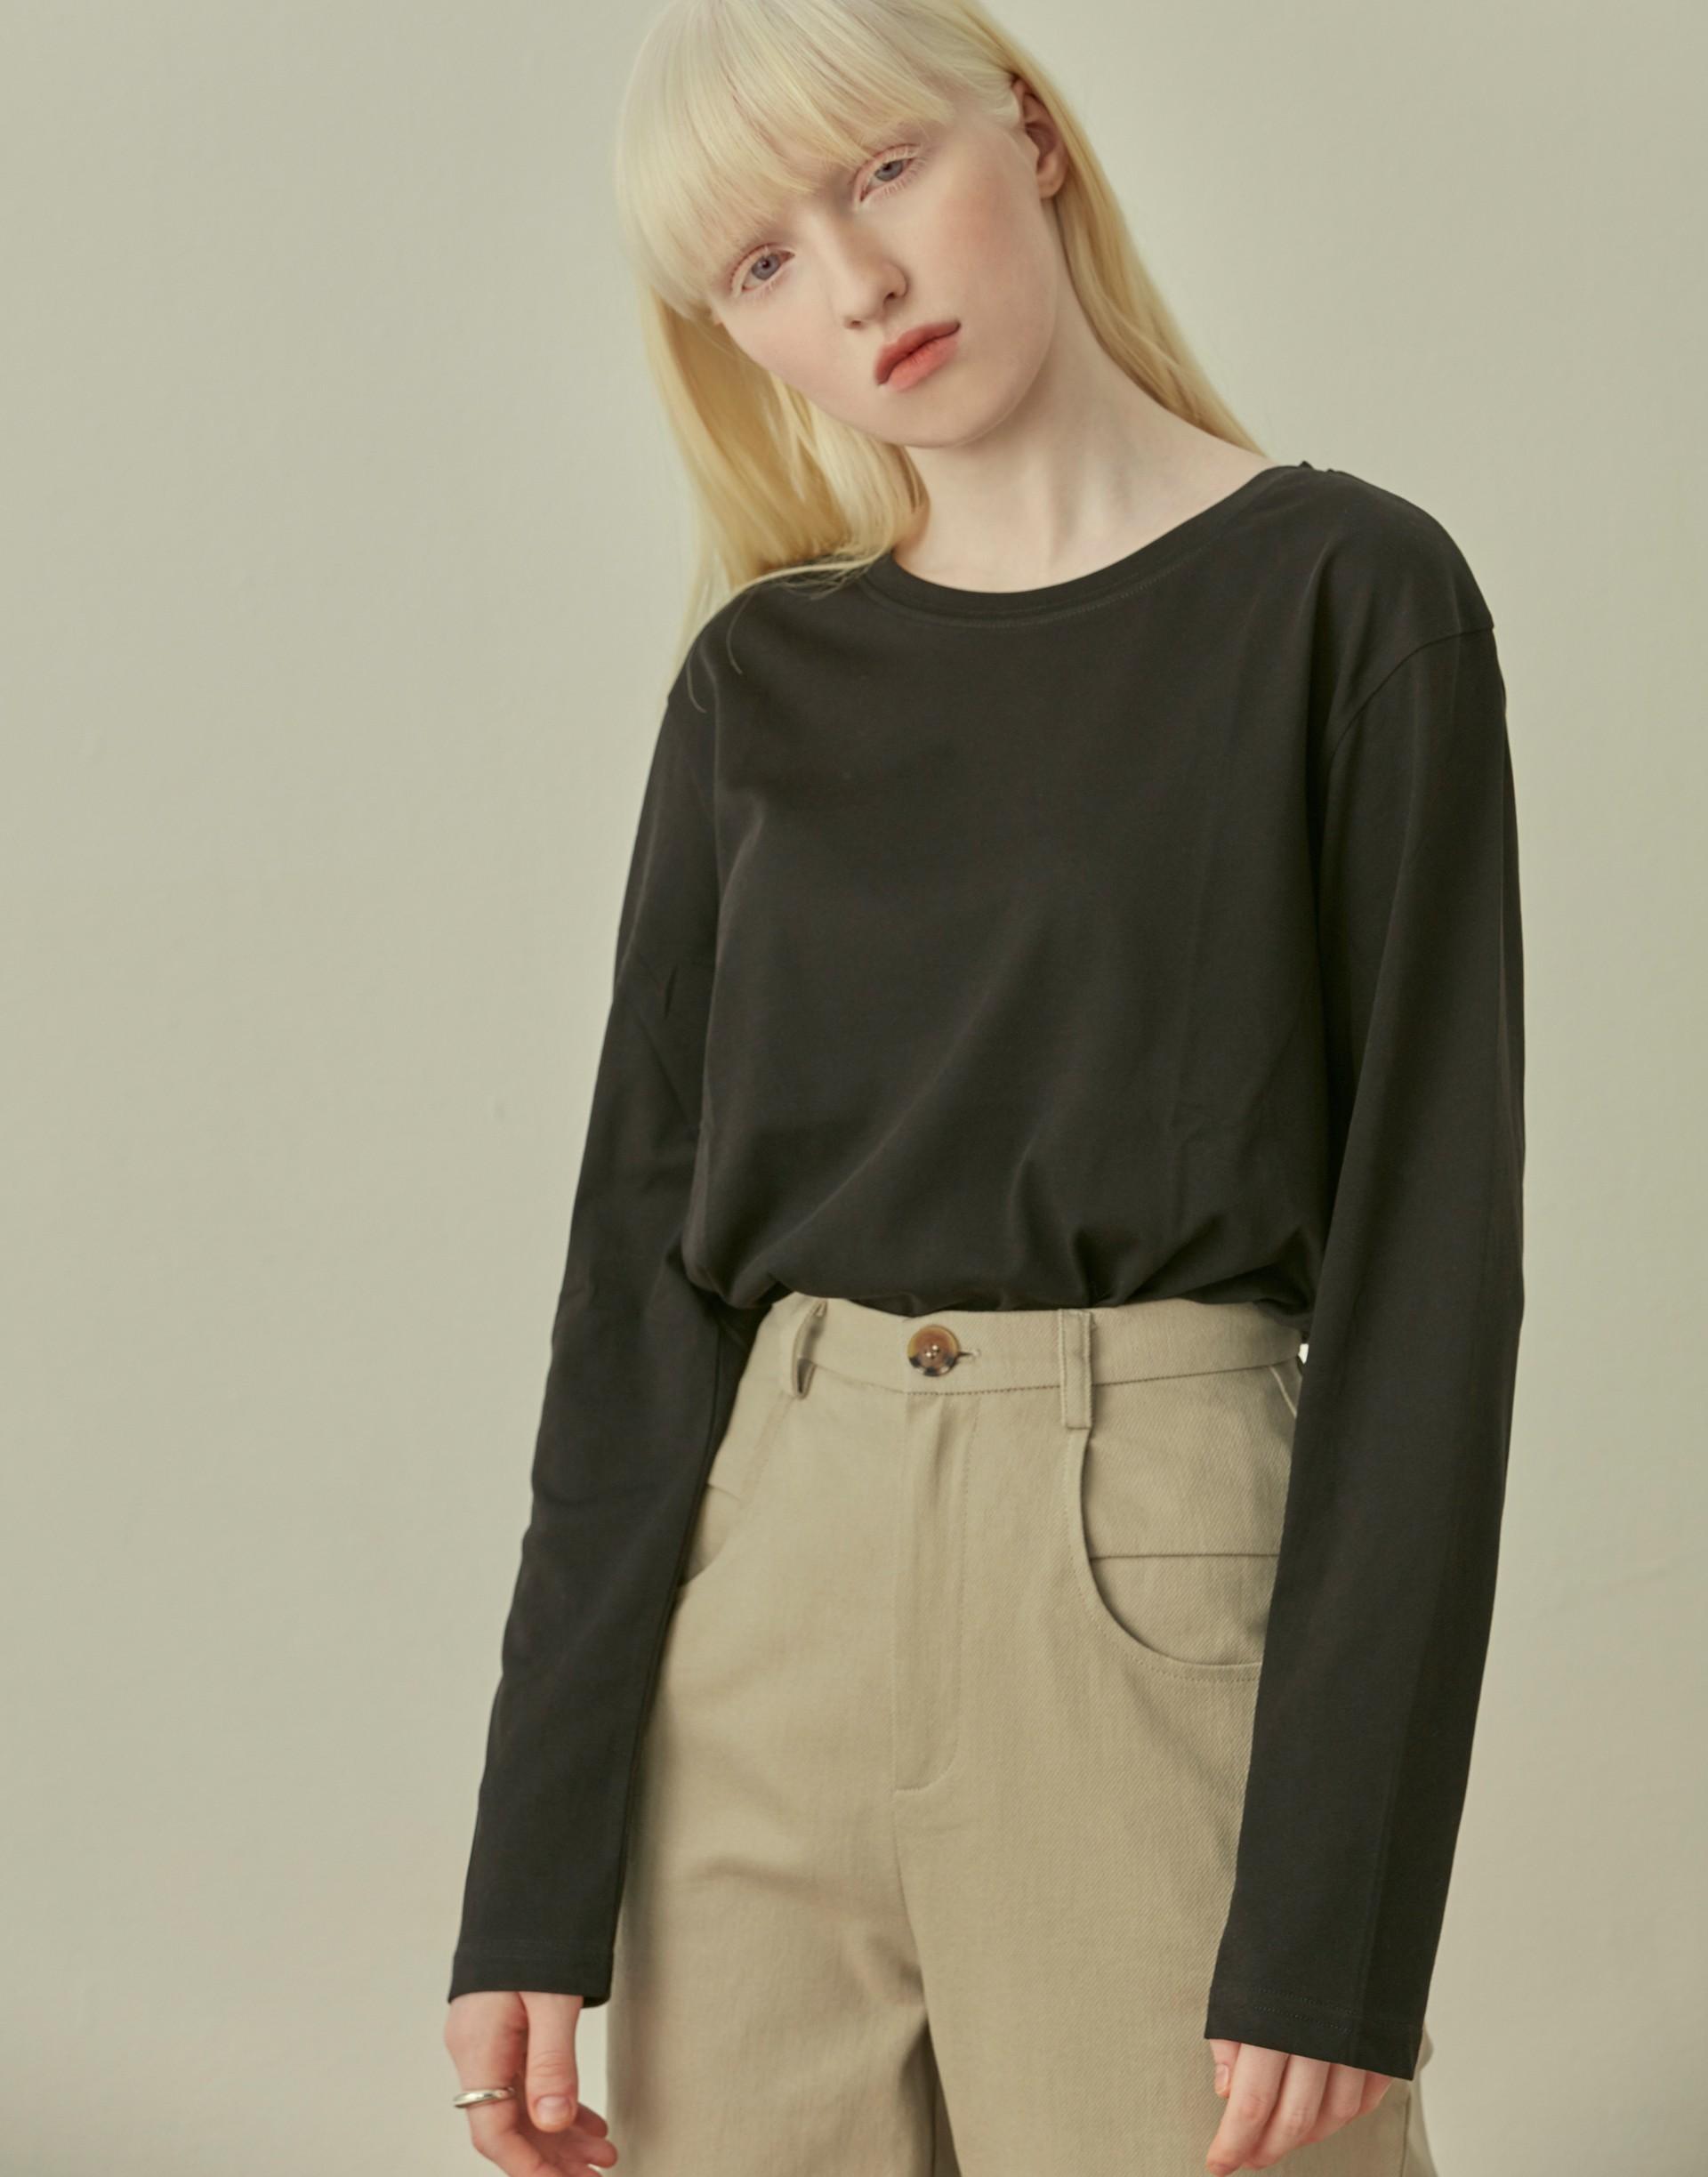 彈性:微彈 低彩度有彈力的舒適面料、單穿或內搭都很時髦好看